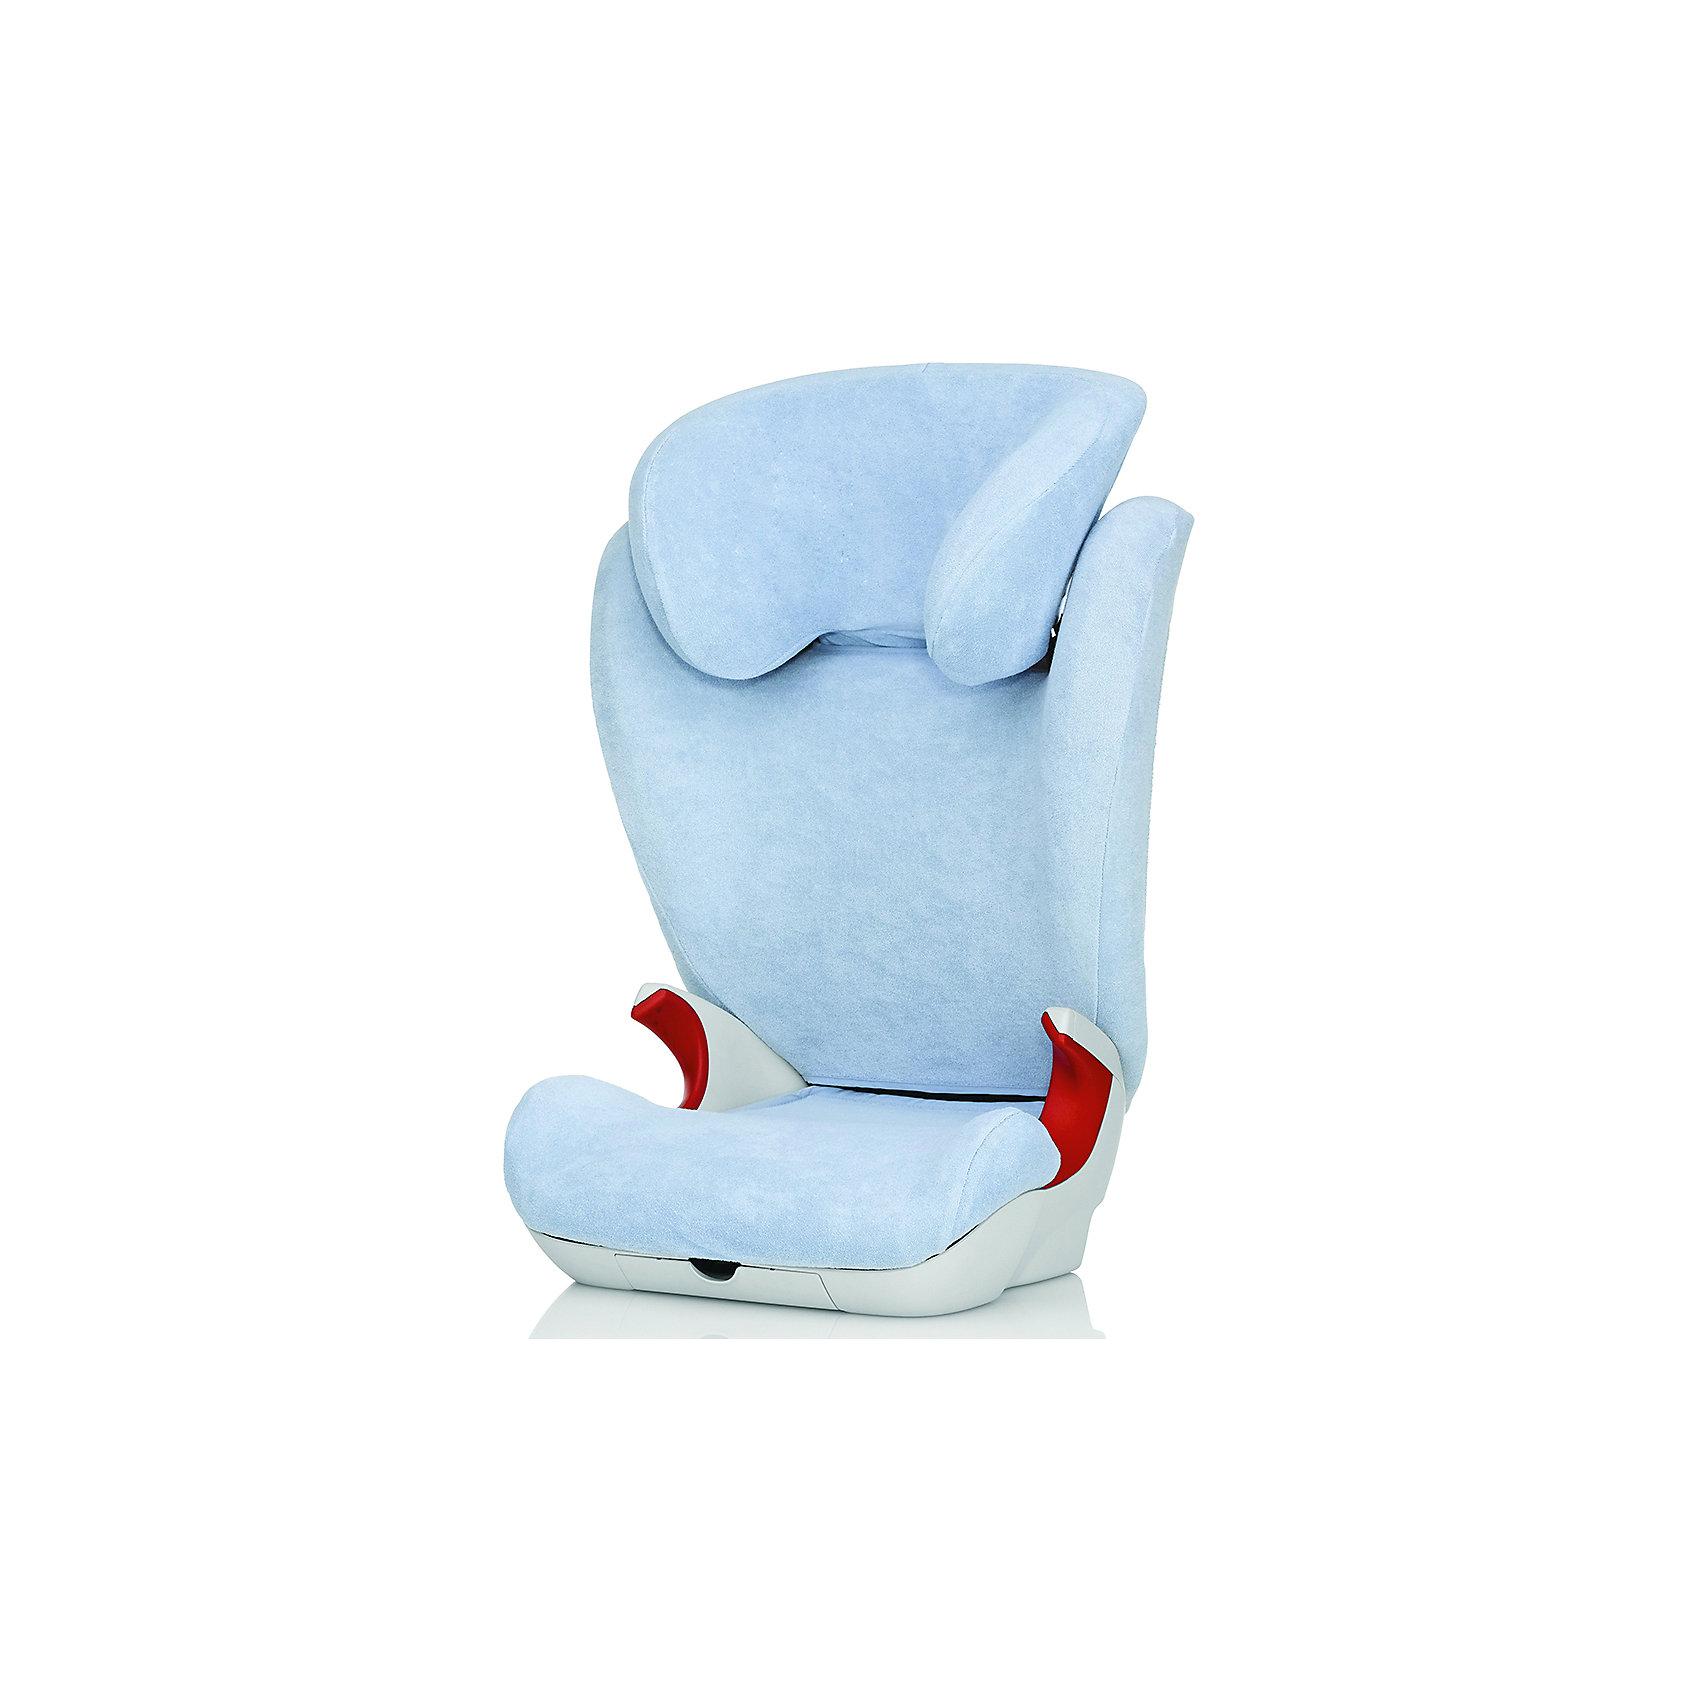 Britax Romer Летний чехол для автокресла KID II, Britax Roemer, Blue